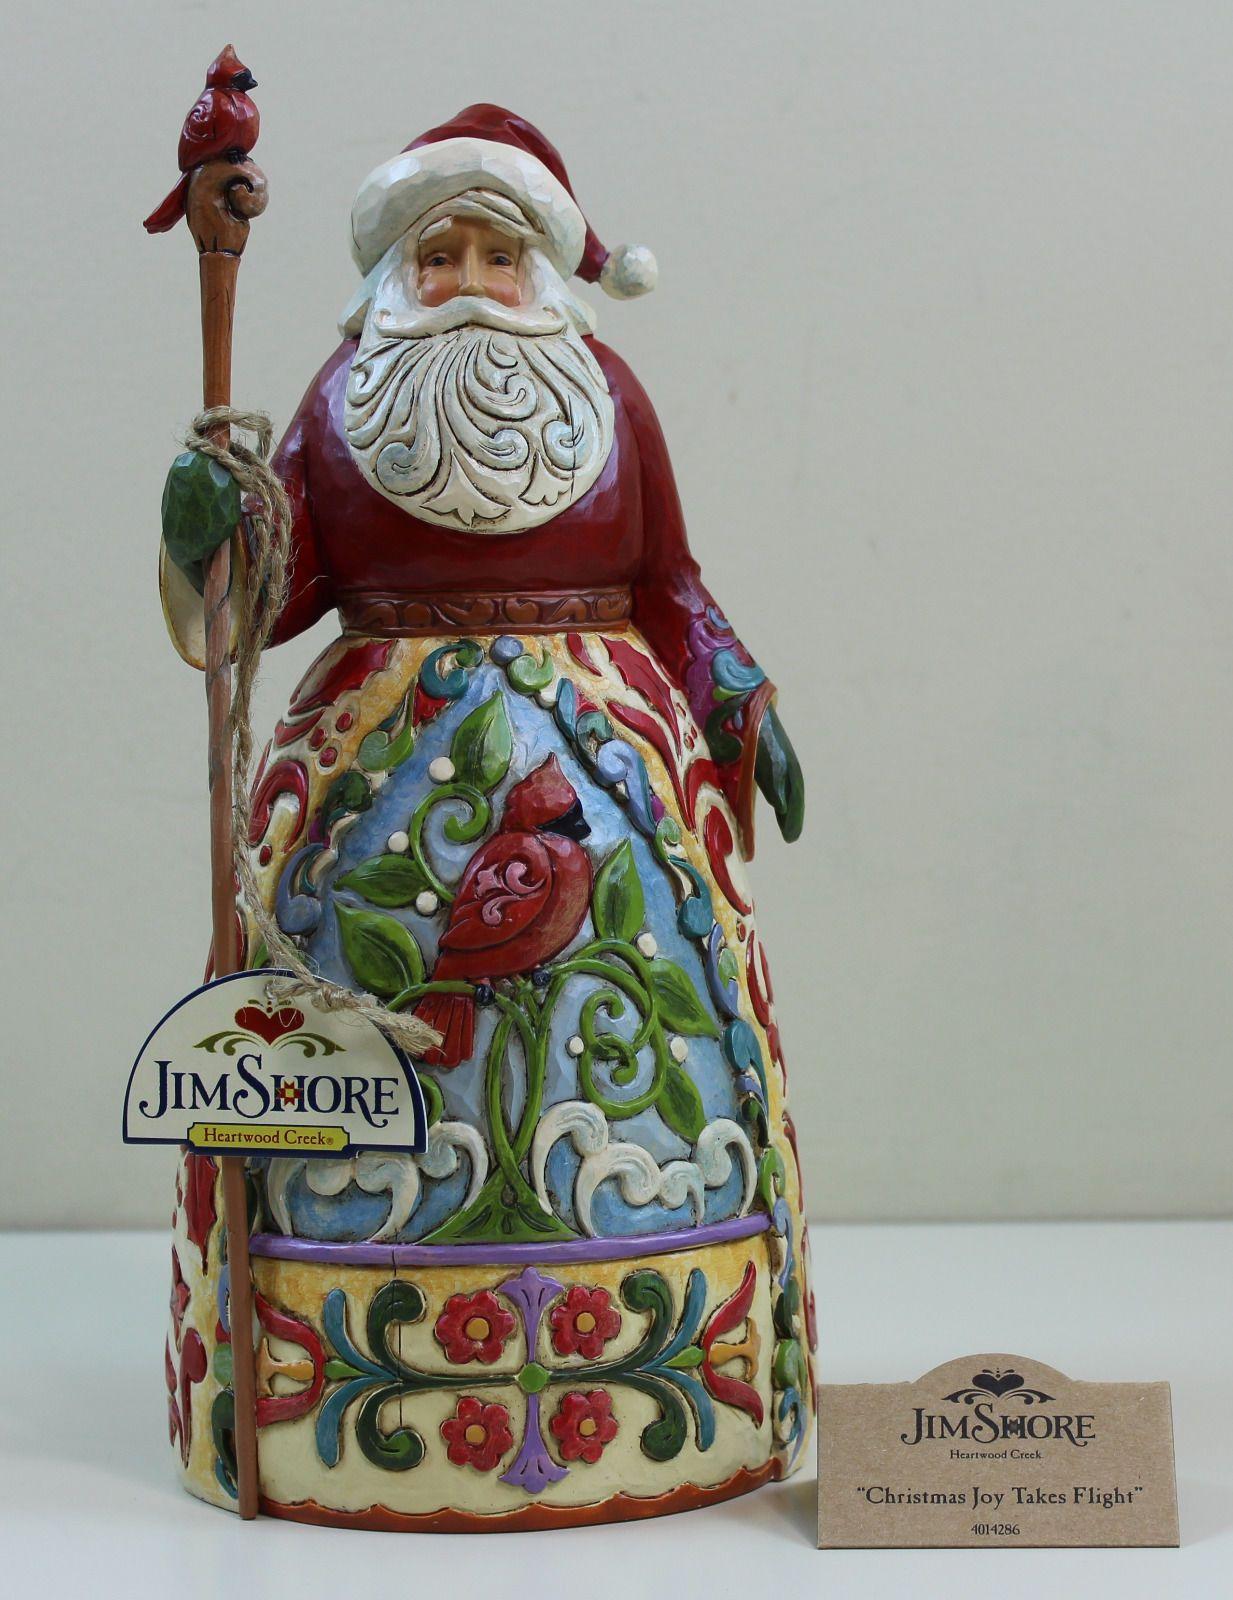 Rare Enesco Jim Shore Christmas Decoration Christmas Joy Takes Flight Mint Jim Shore Christmas Christmas Joy Jim Shore